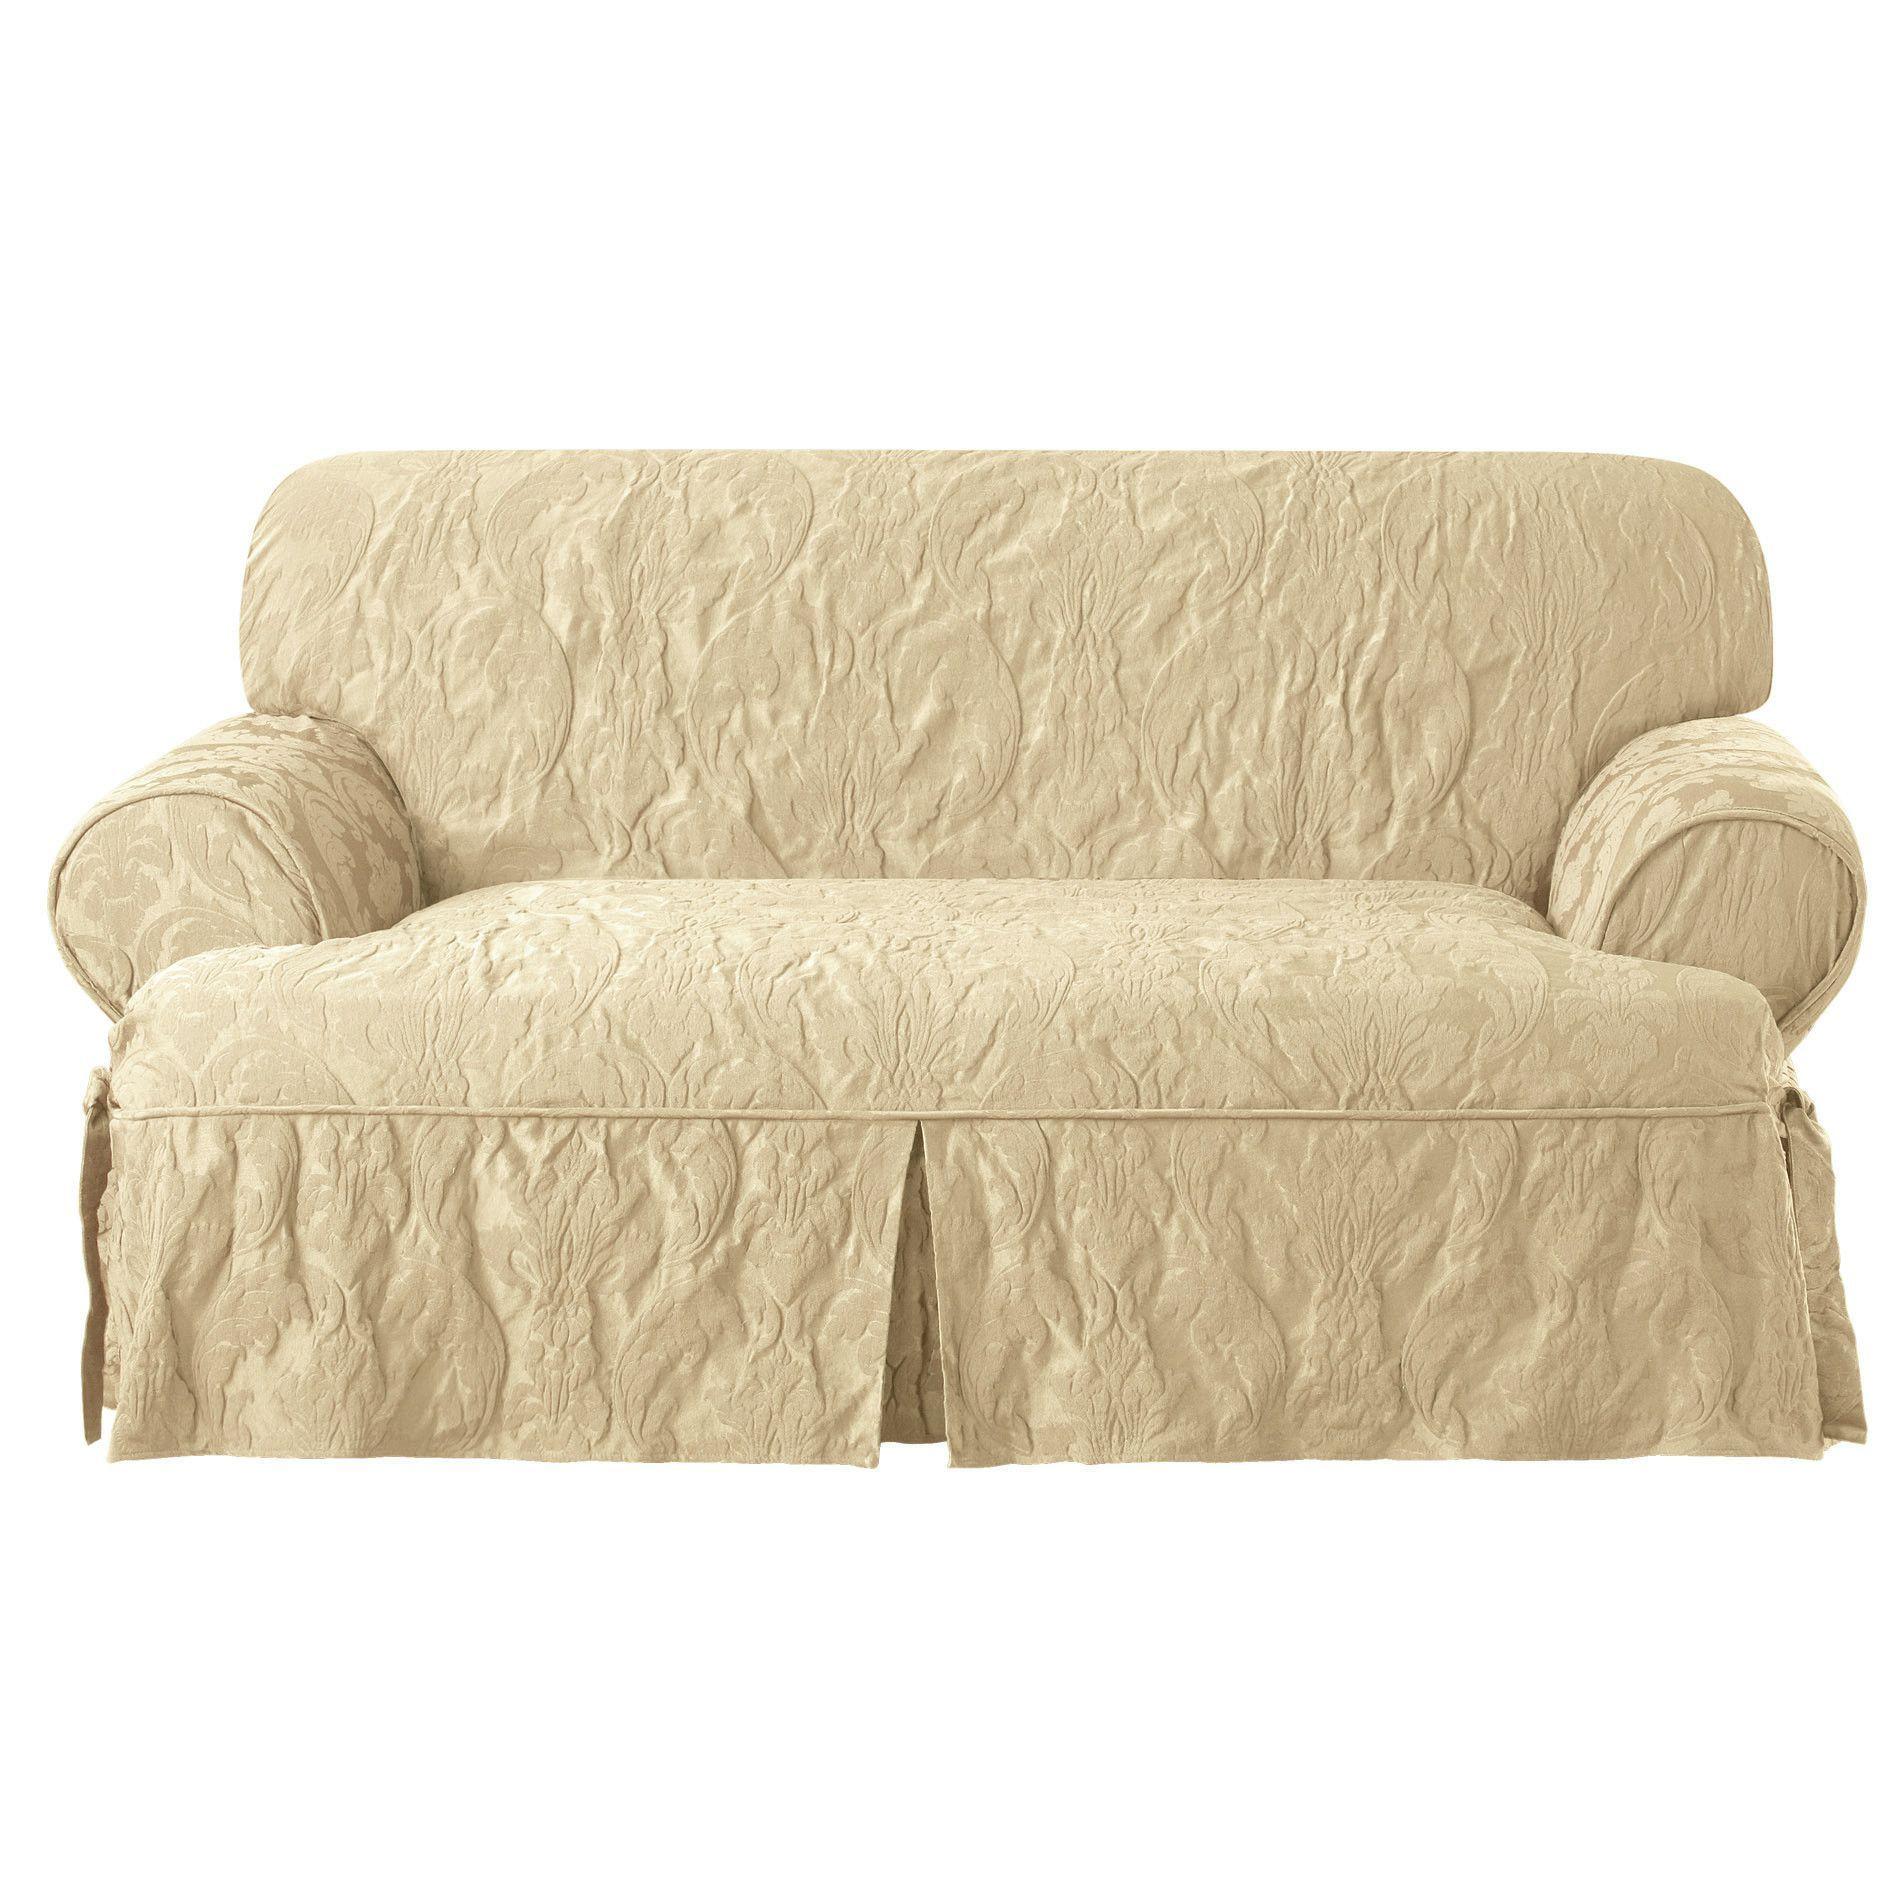 Matelasse Damask T Cushion Loveseat Slipcover In 2021 Loveseat Slipcovers Slipcovers Love Seat T cushion loveseat slipcover